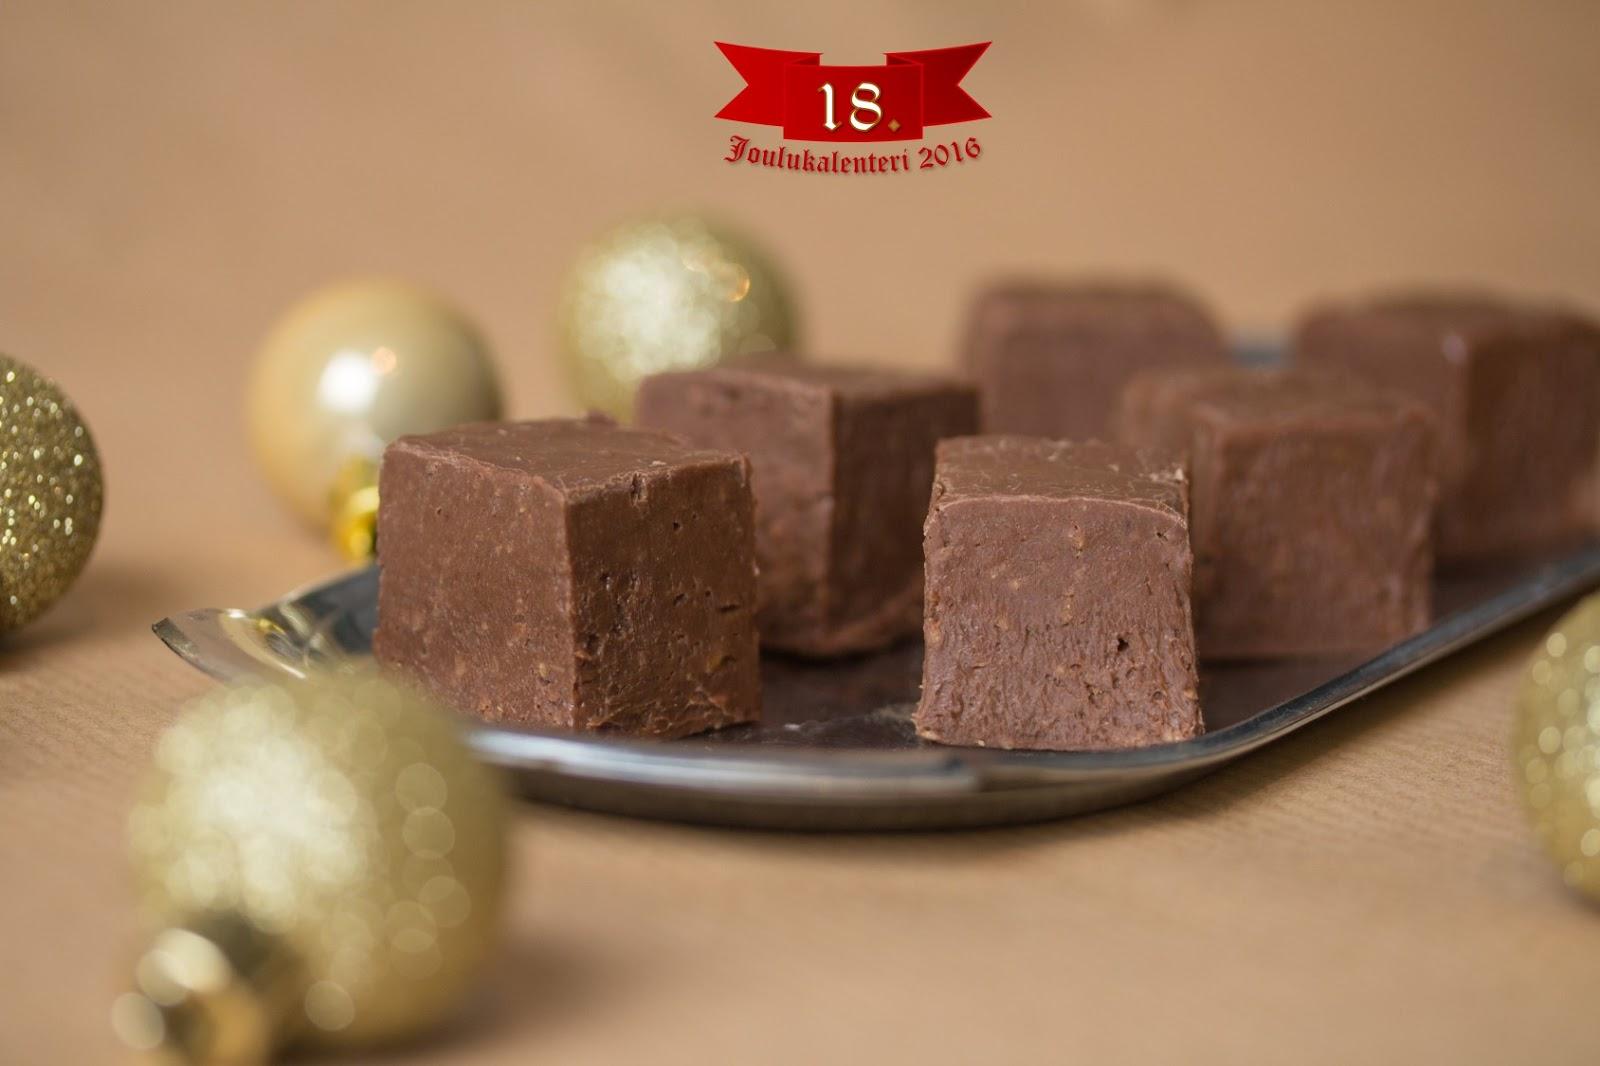 joulukalenteri 2018 suklaa Taikinatassut: Joulukalenterin luukku 18: Appelsiini suklaa fudge joulukalenteri 2018 suklaa